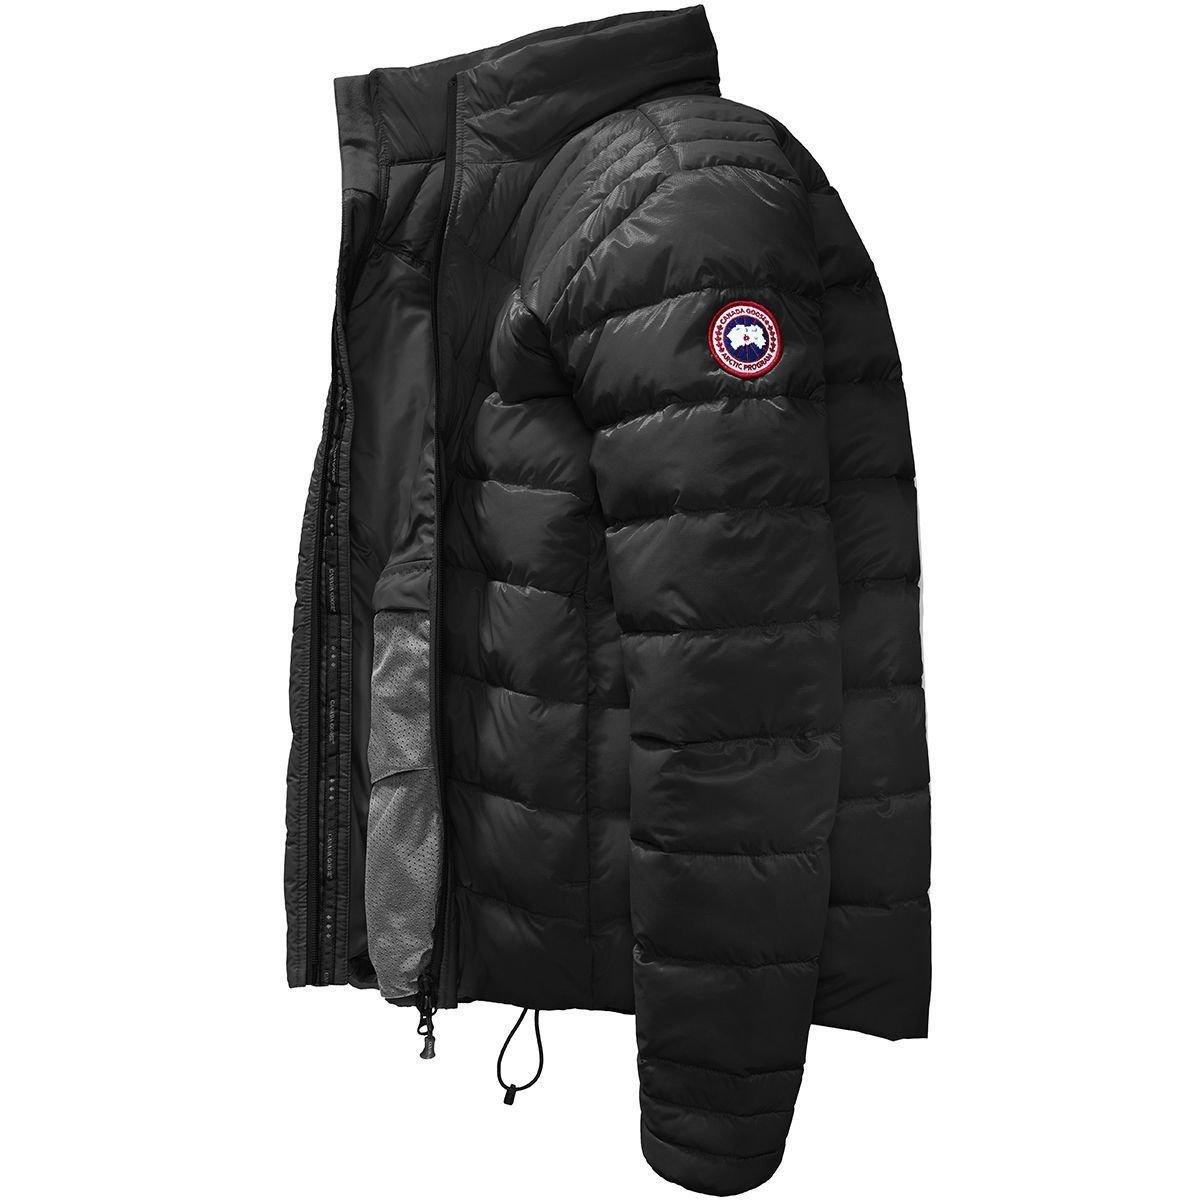 (カナダグース)Canada Goose Brookvale Down Jacket メンズ ジャケットBlack/Graphite [並行輸入品] B07899LBYM  Black/Graphite 日本サイズ M (US S)